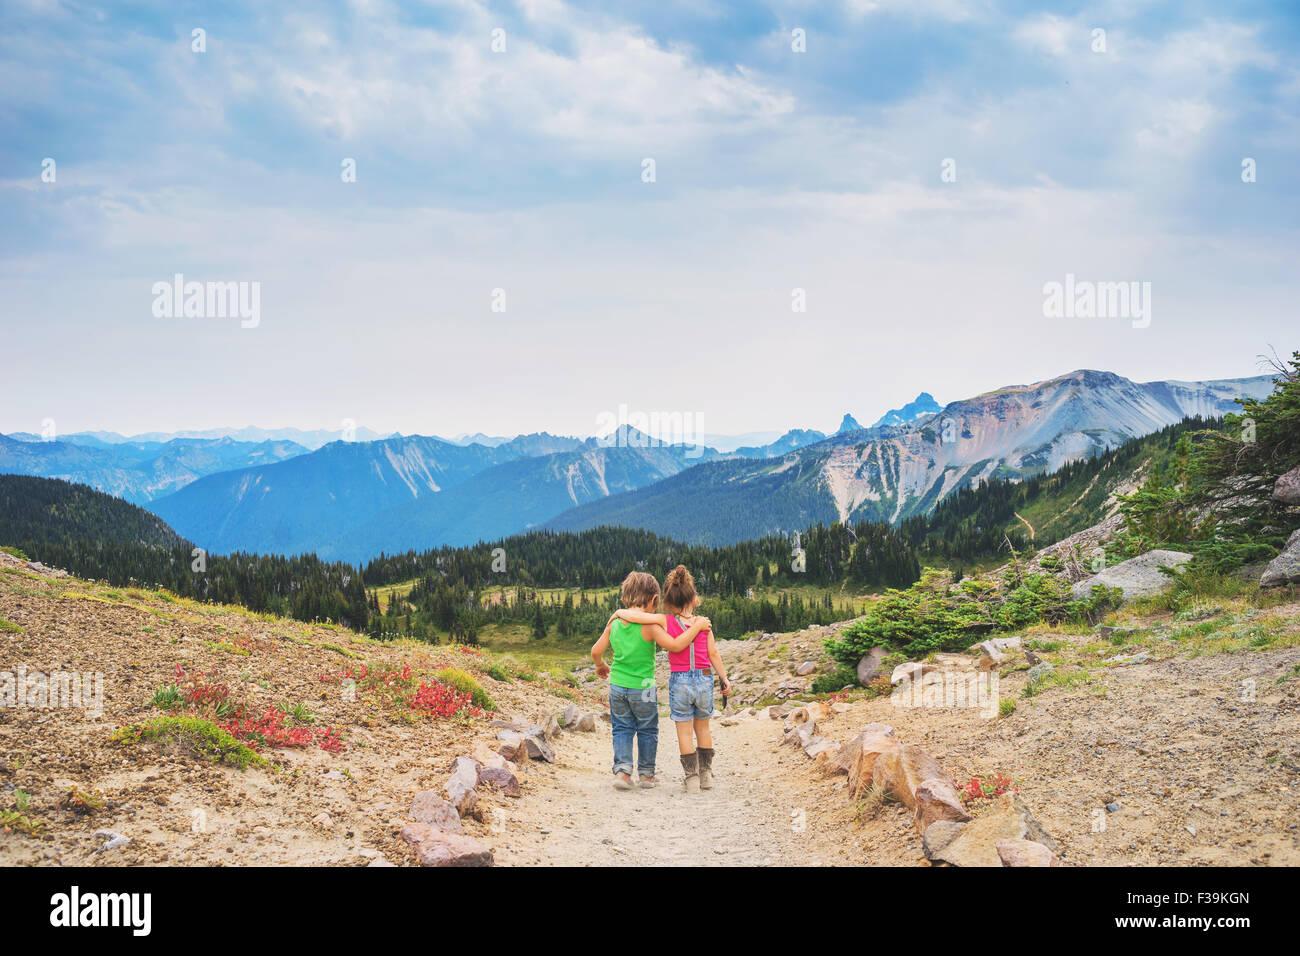 Vue arrière du garçon et fille qui marche le long d'un chemin avec leurs bras autour de l'autre Photo Stock